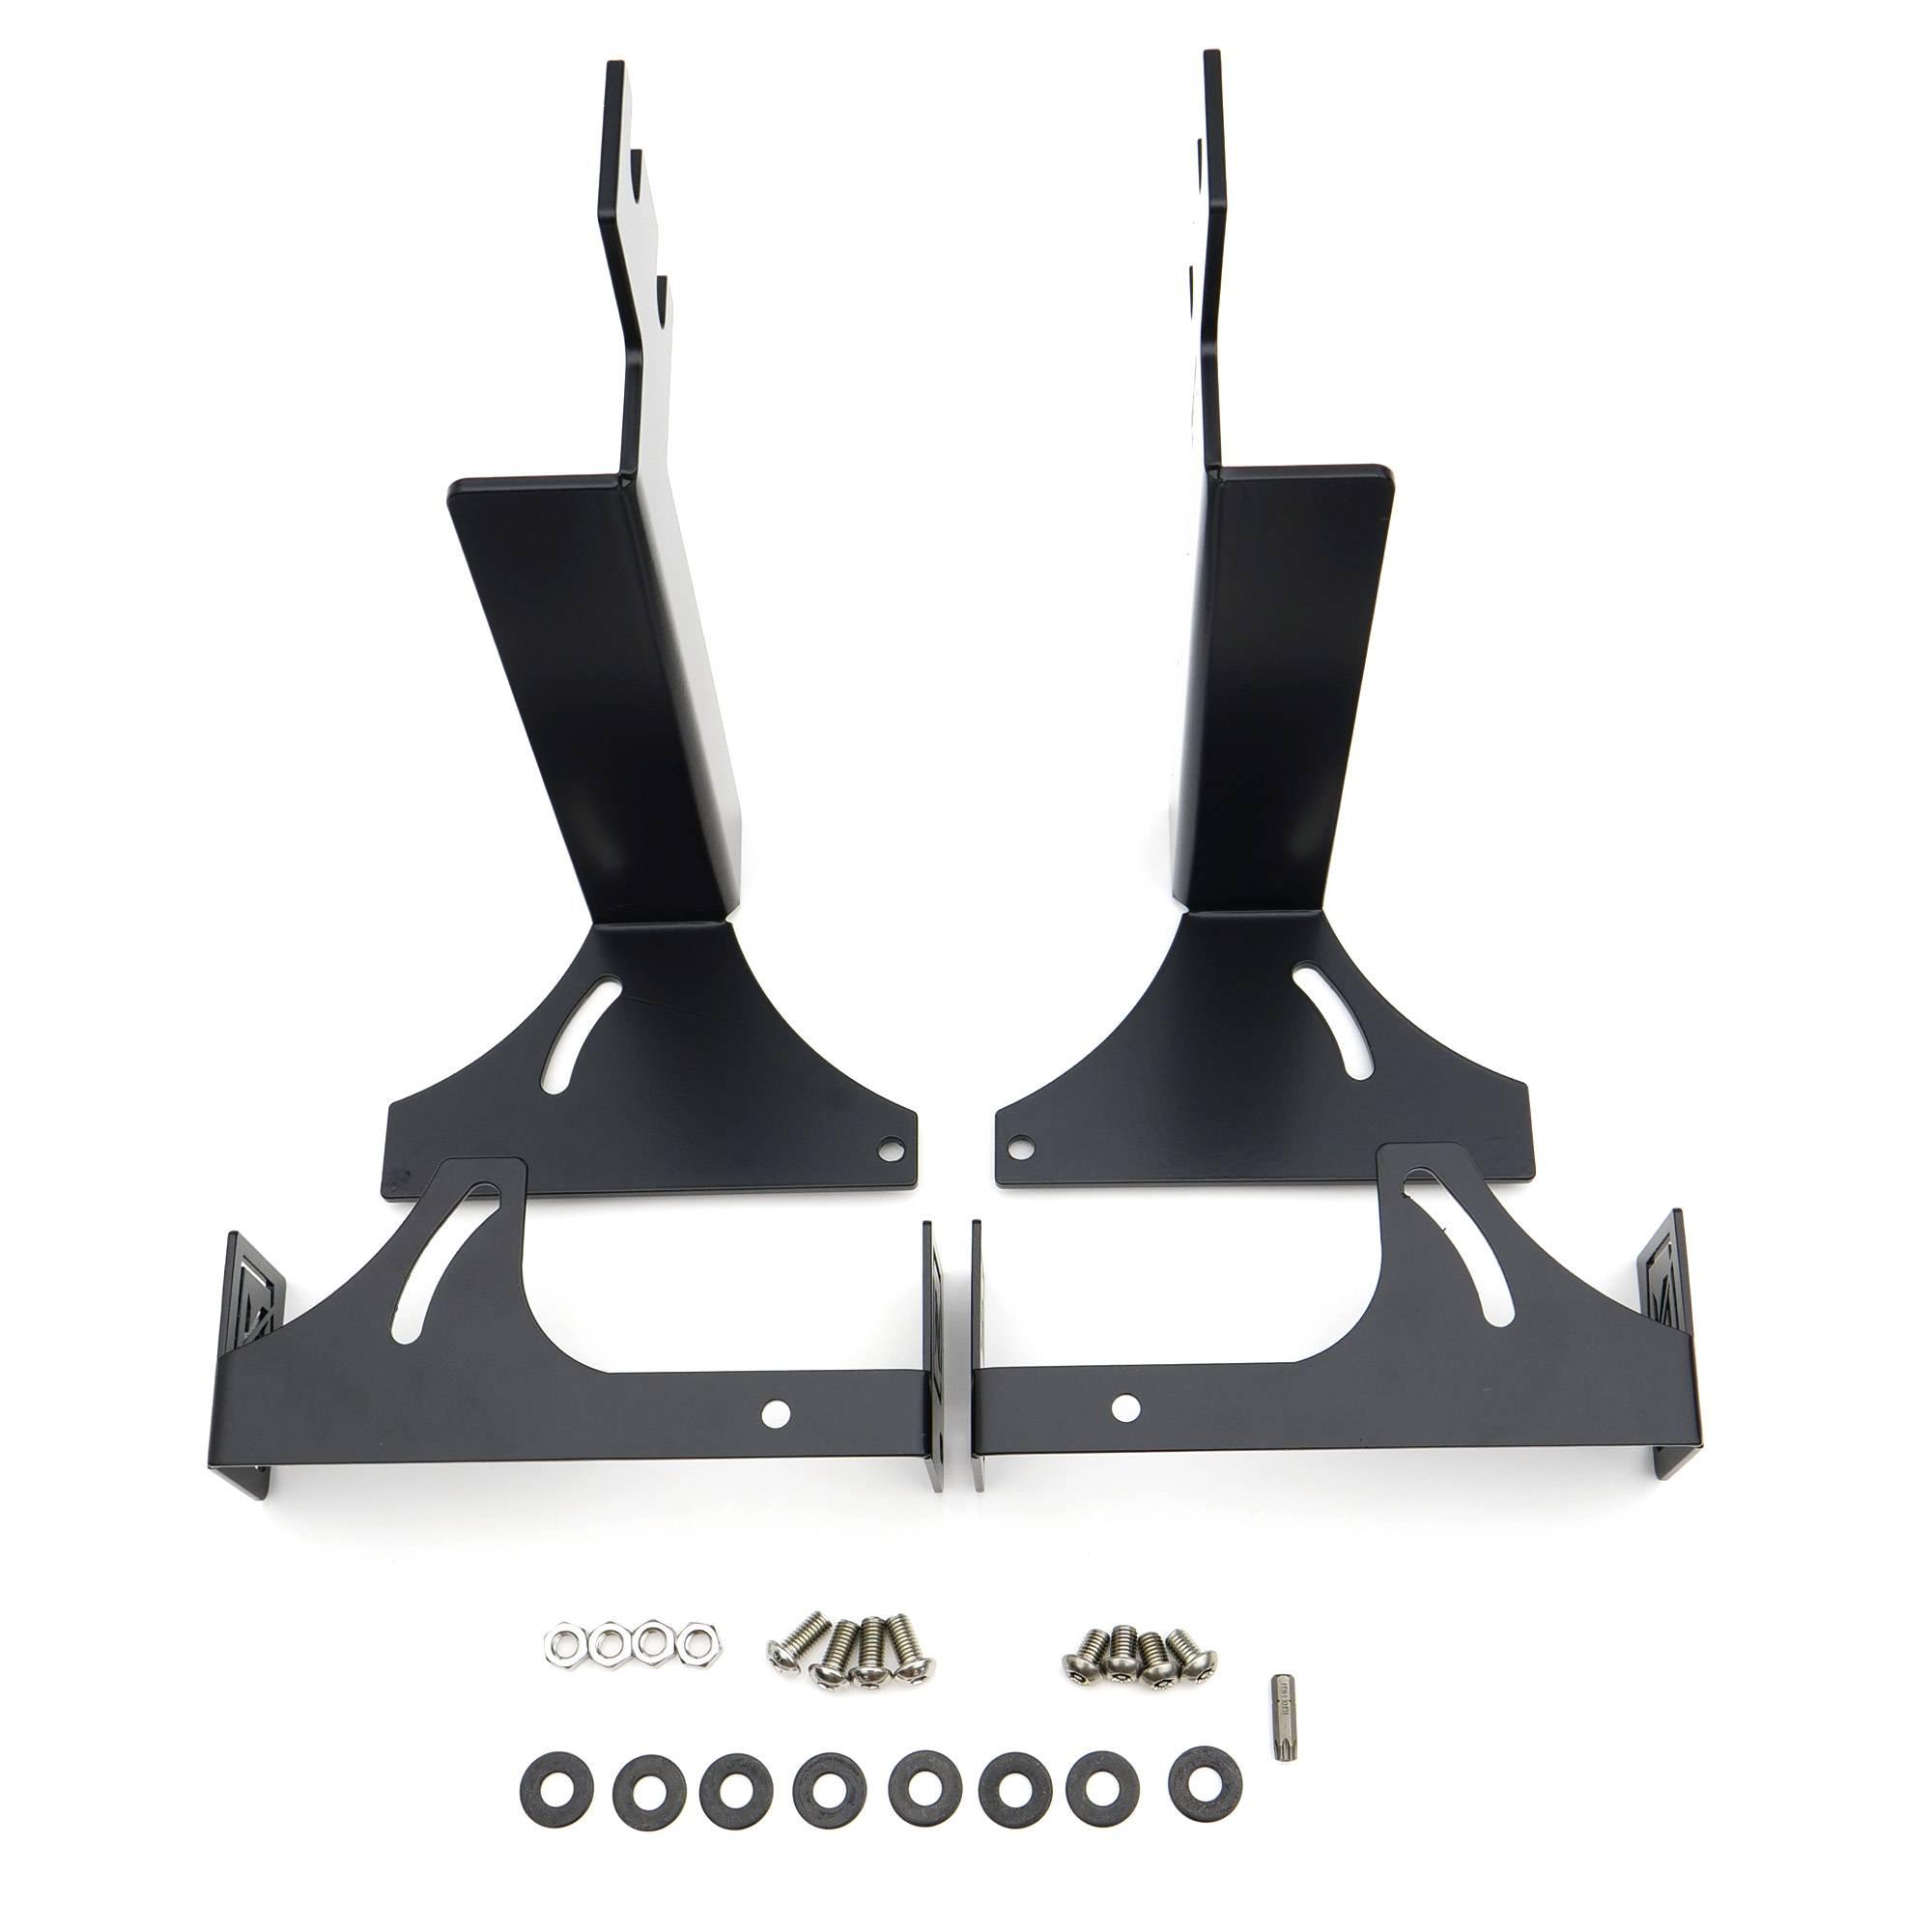 ZROADZ OFF ROAD PRODUCTS - 2015-2019 Silverado, Sierra HD Non-Diesel models - Rear Bumper LED Bracket to mount (2) 6 Inch Straight Light Bar - PN #Z381221